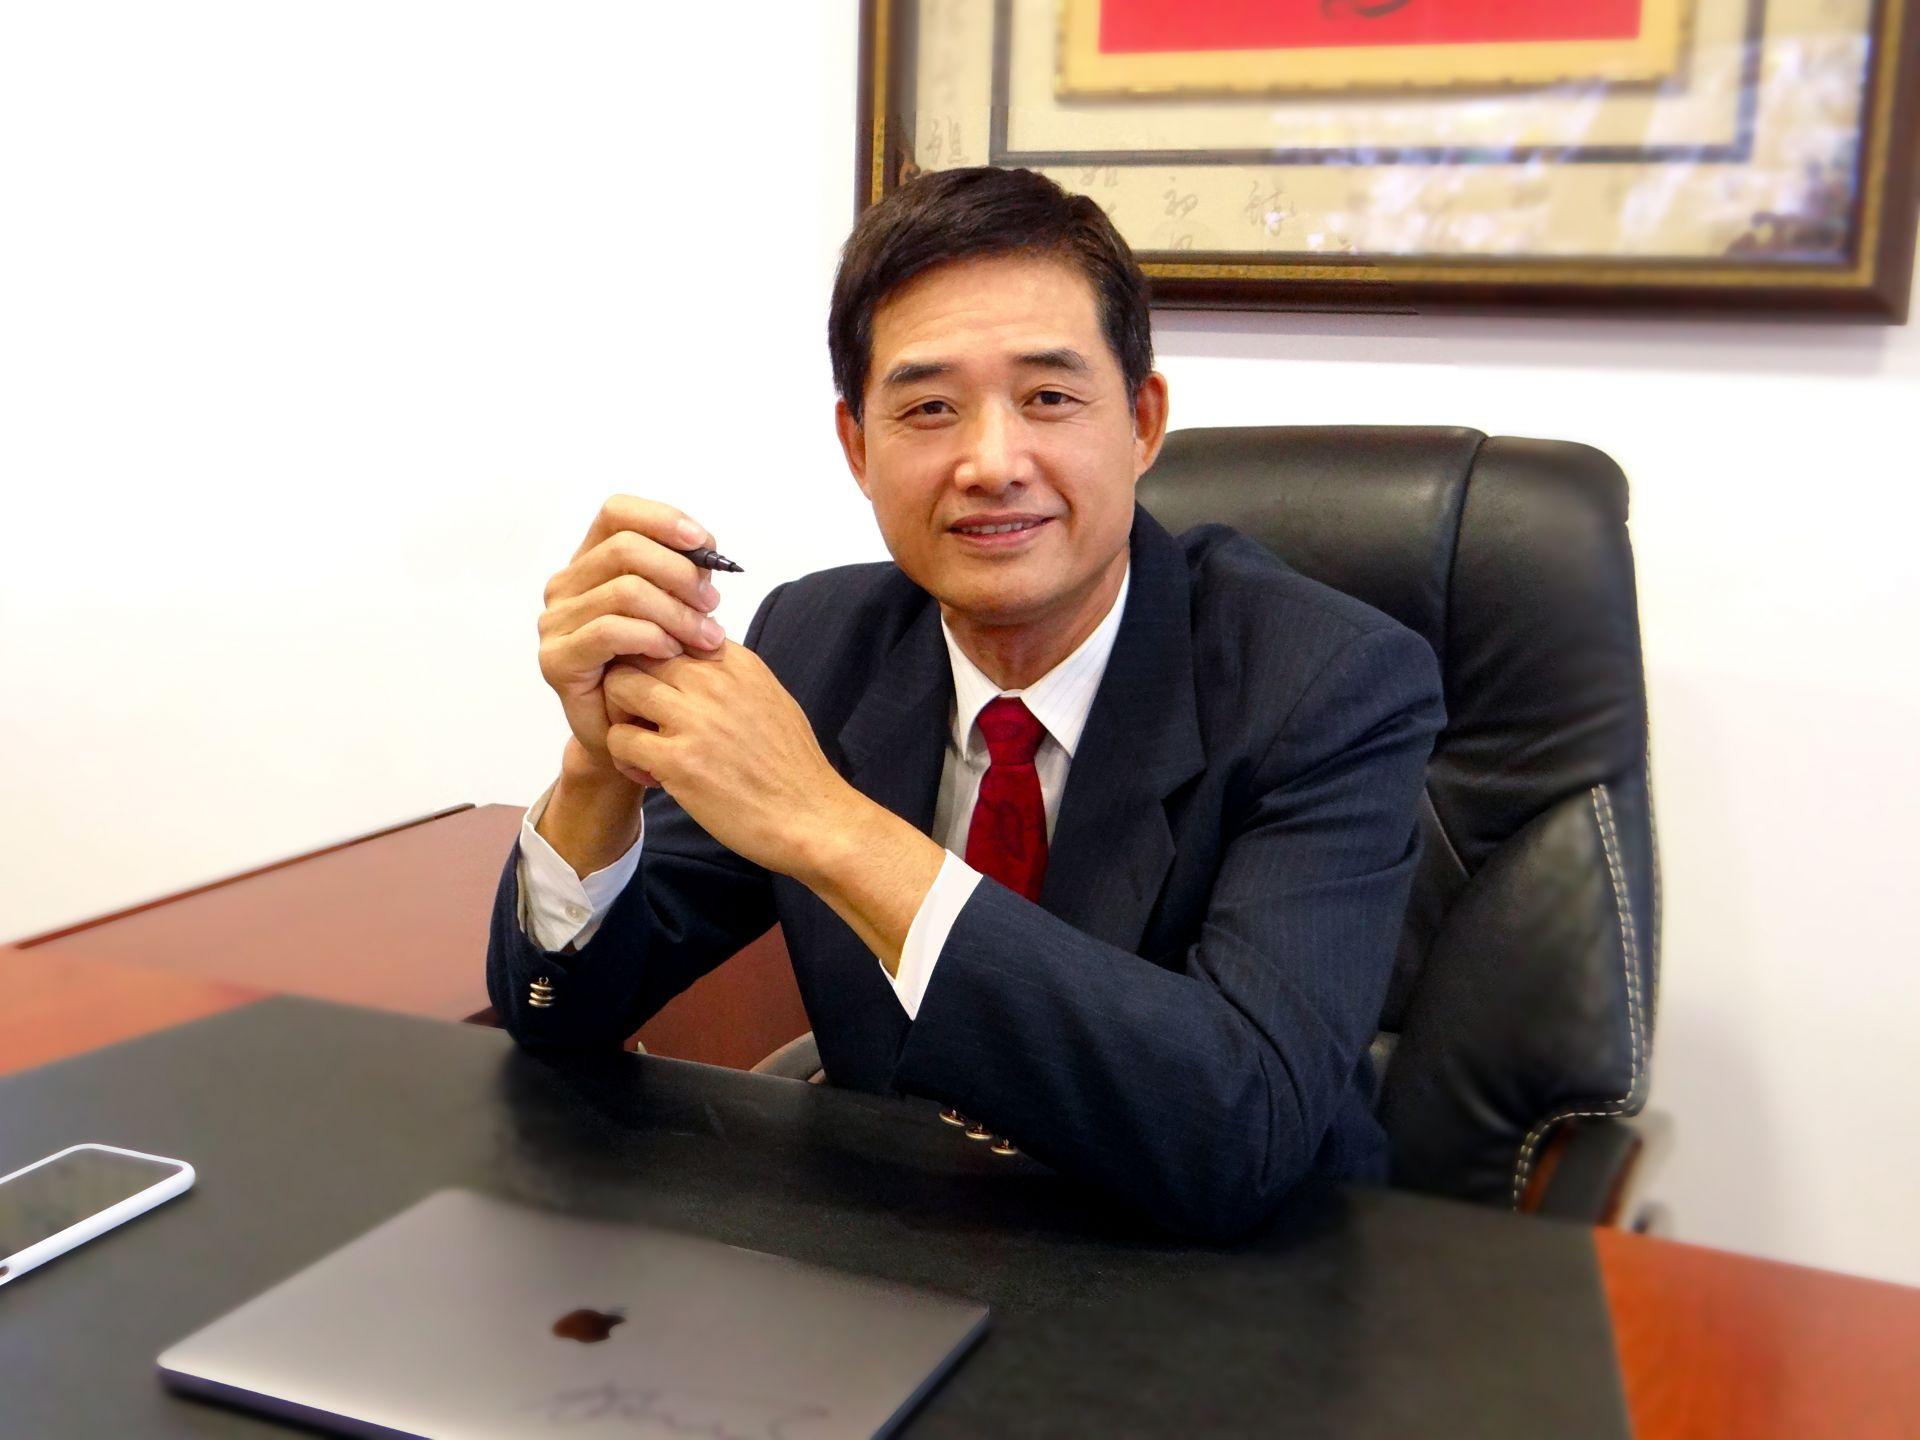 Perfil de la empresa - Brian Cheng, director ejecutivo de Yung Soon Lih.